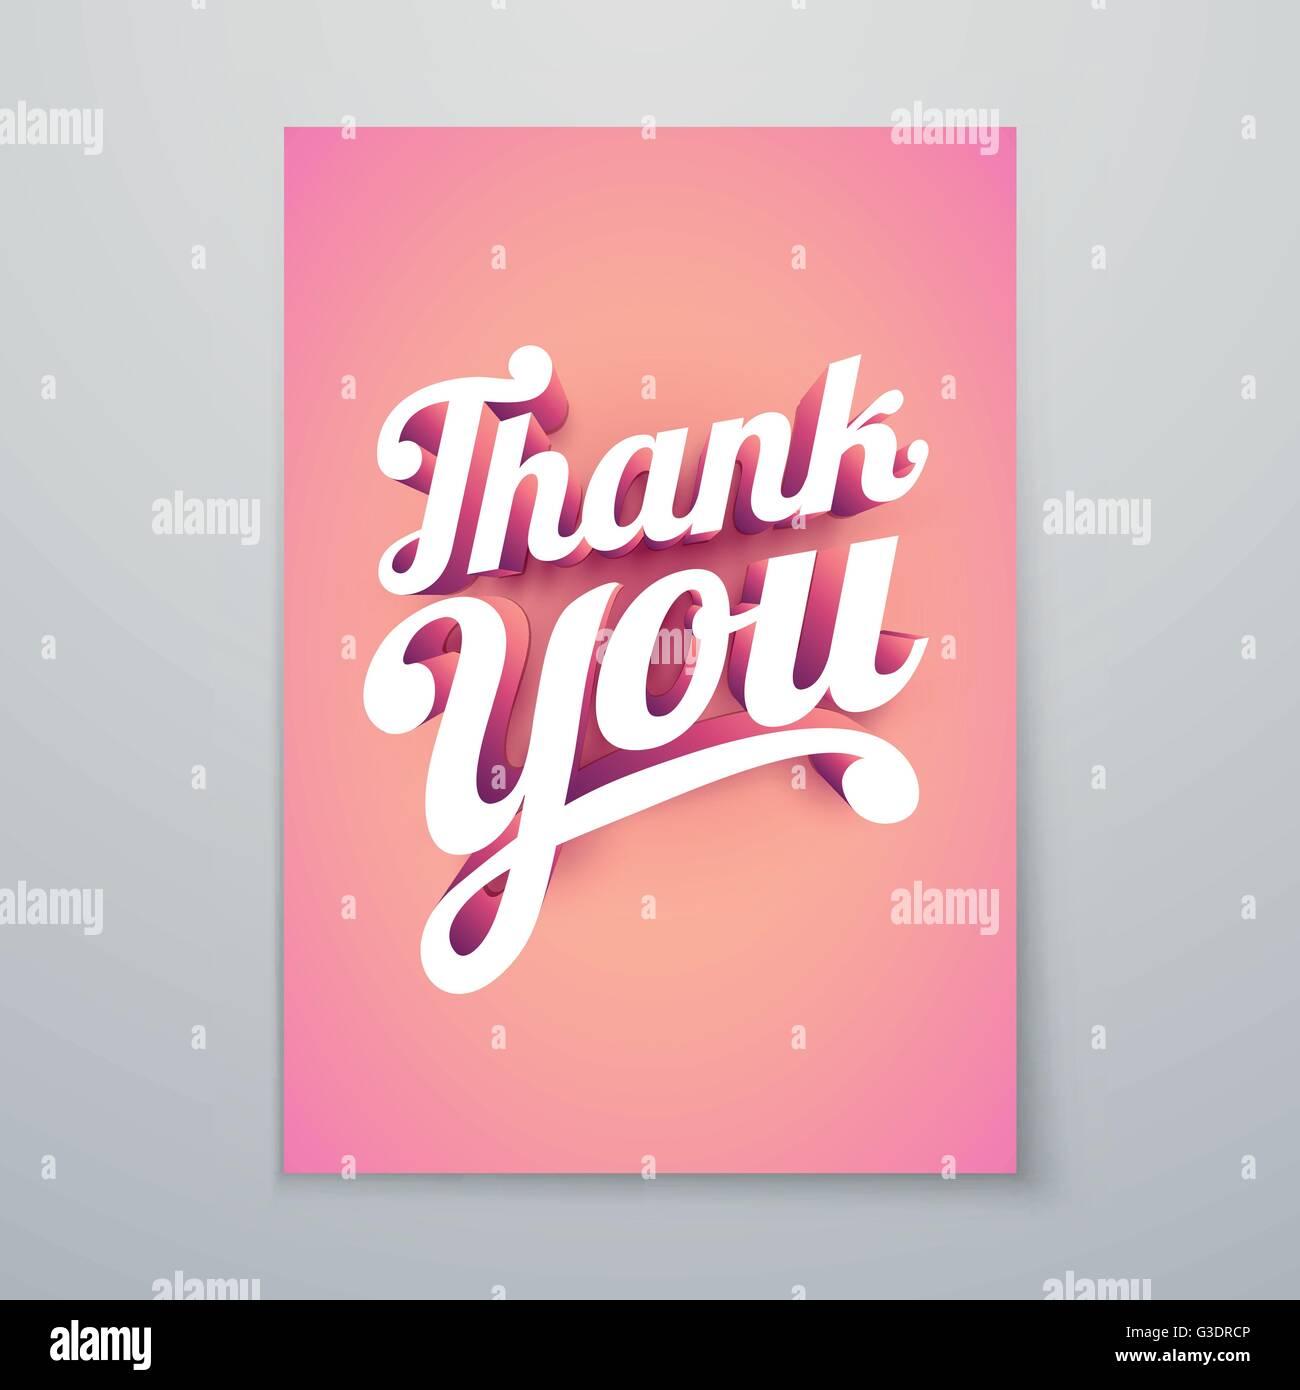 Ich danke Ihnen Vector benutzerdefinierte 3d Hand Schriftzug typografische Poster-Design. Stockbild